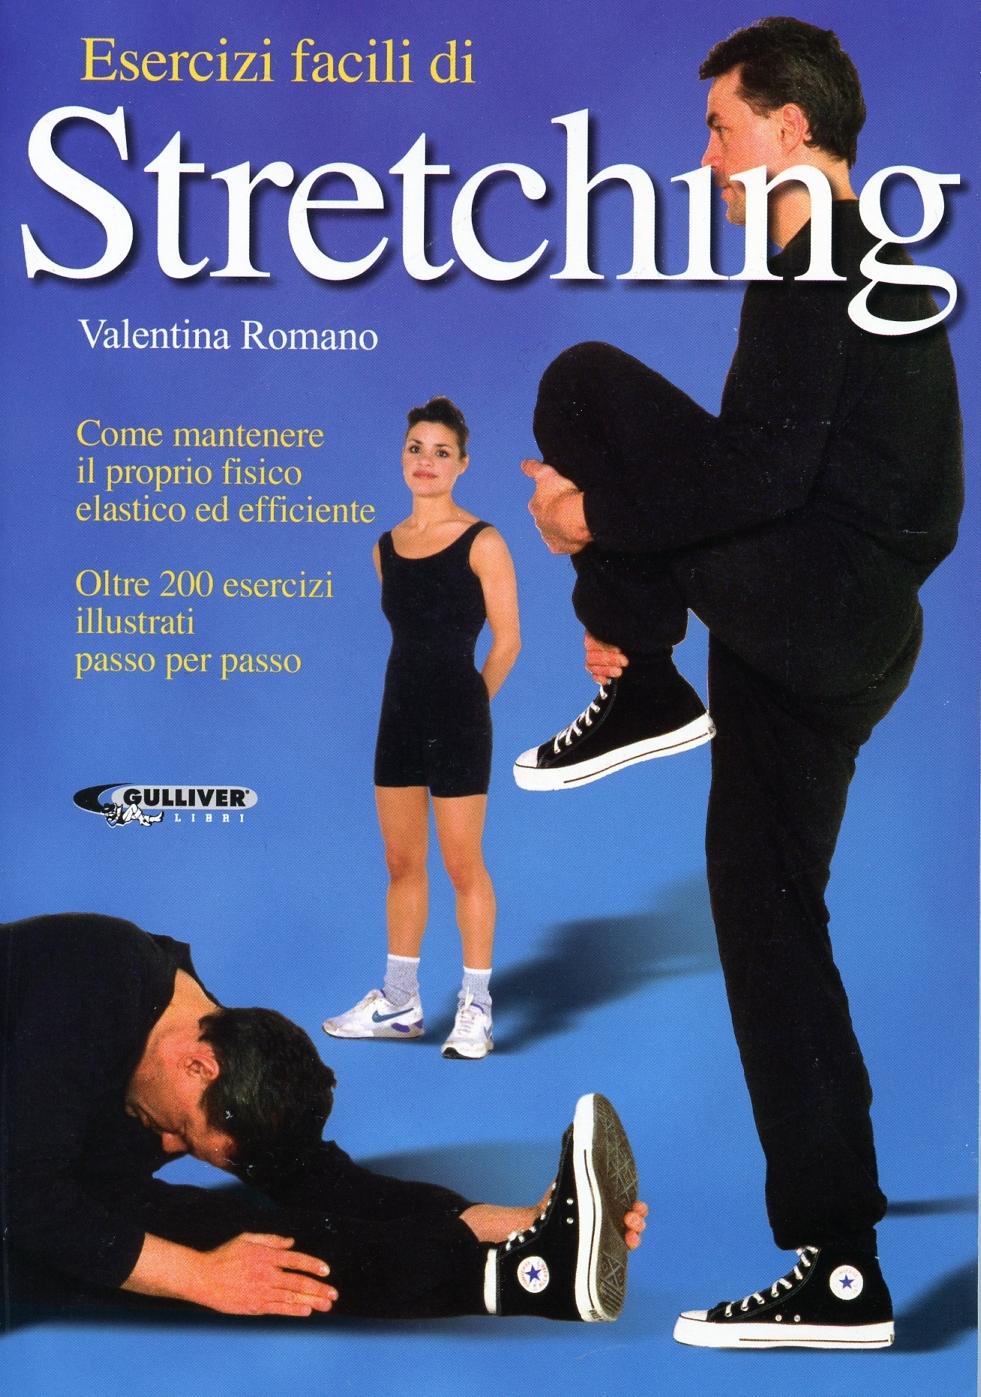 Esercizi facili di stretching